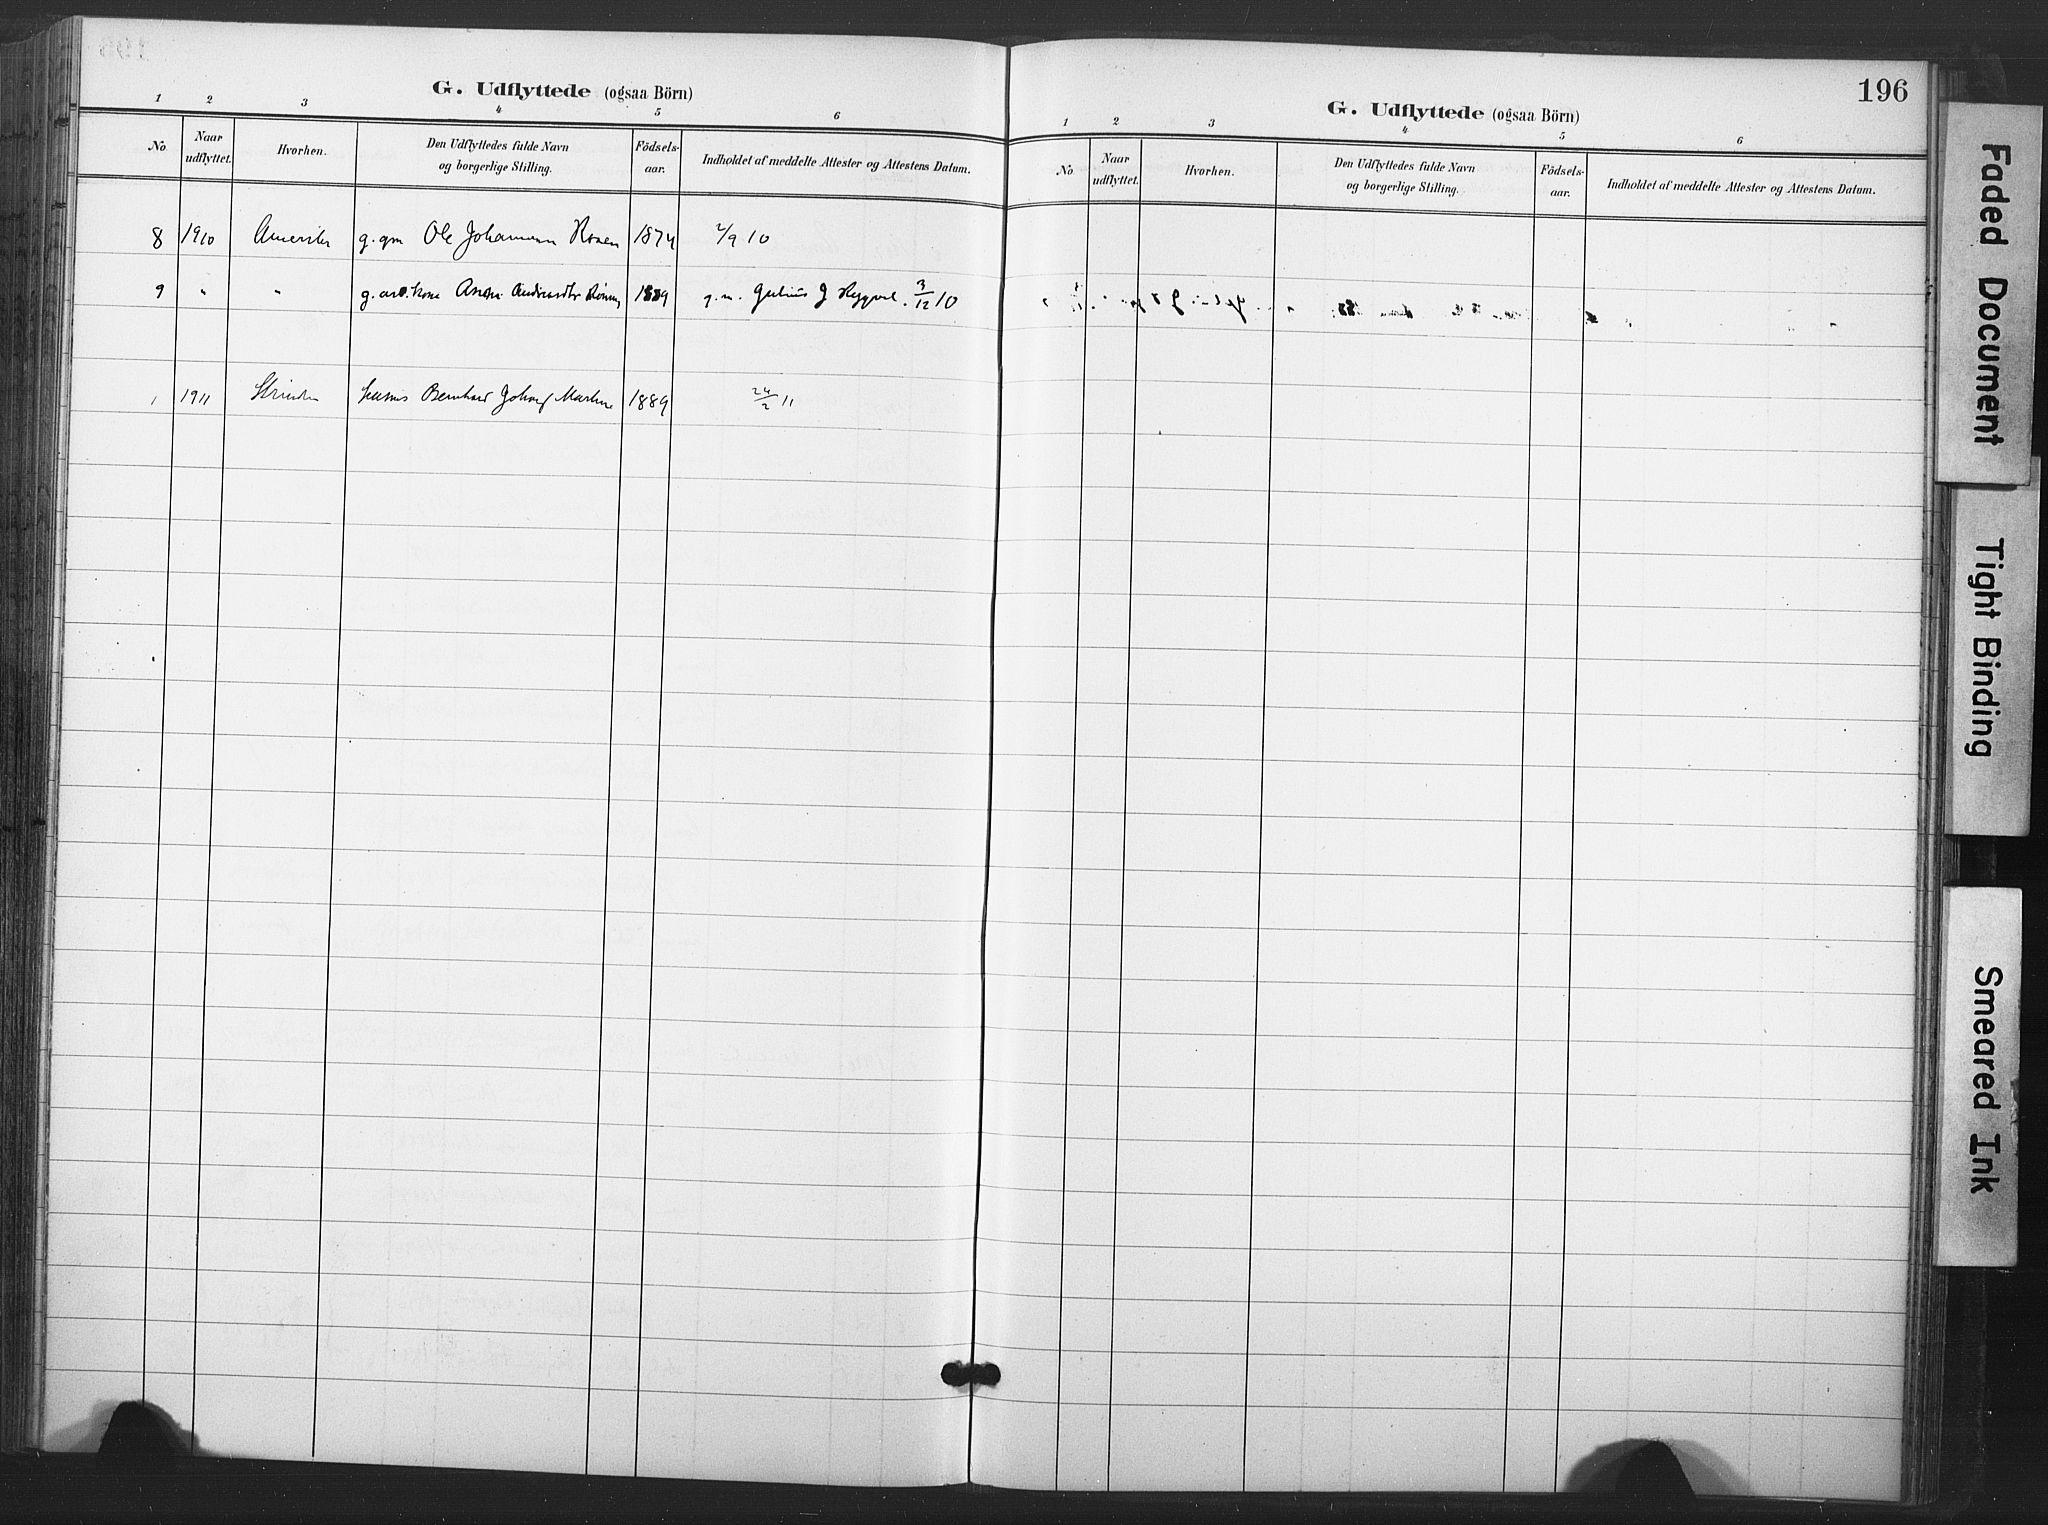 SAT, Ministerialprotokoller, klokkerbøker og fødselsregistre - Nord-Trøndelag, 713/L0122: Ministerialbok nr. 713A11, 1899-1910, s. 196